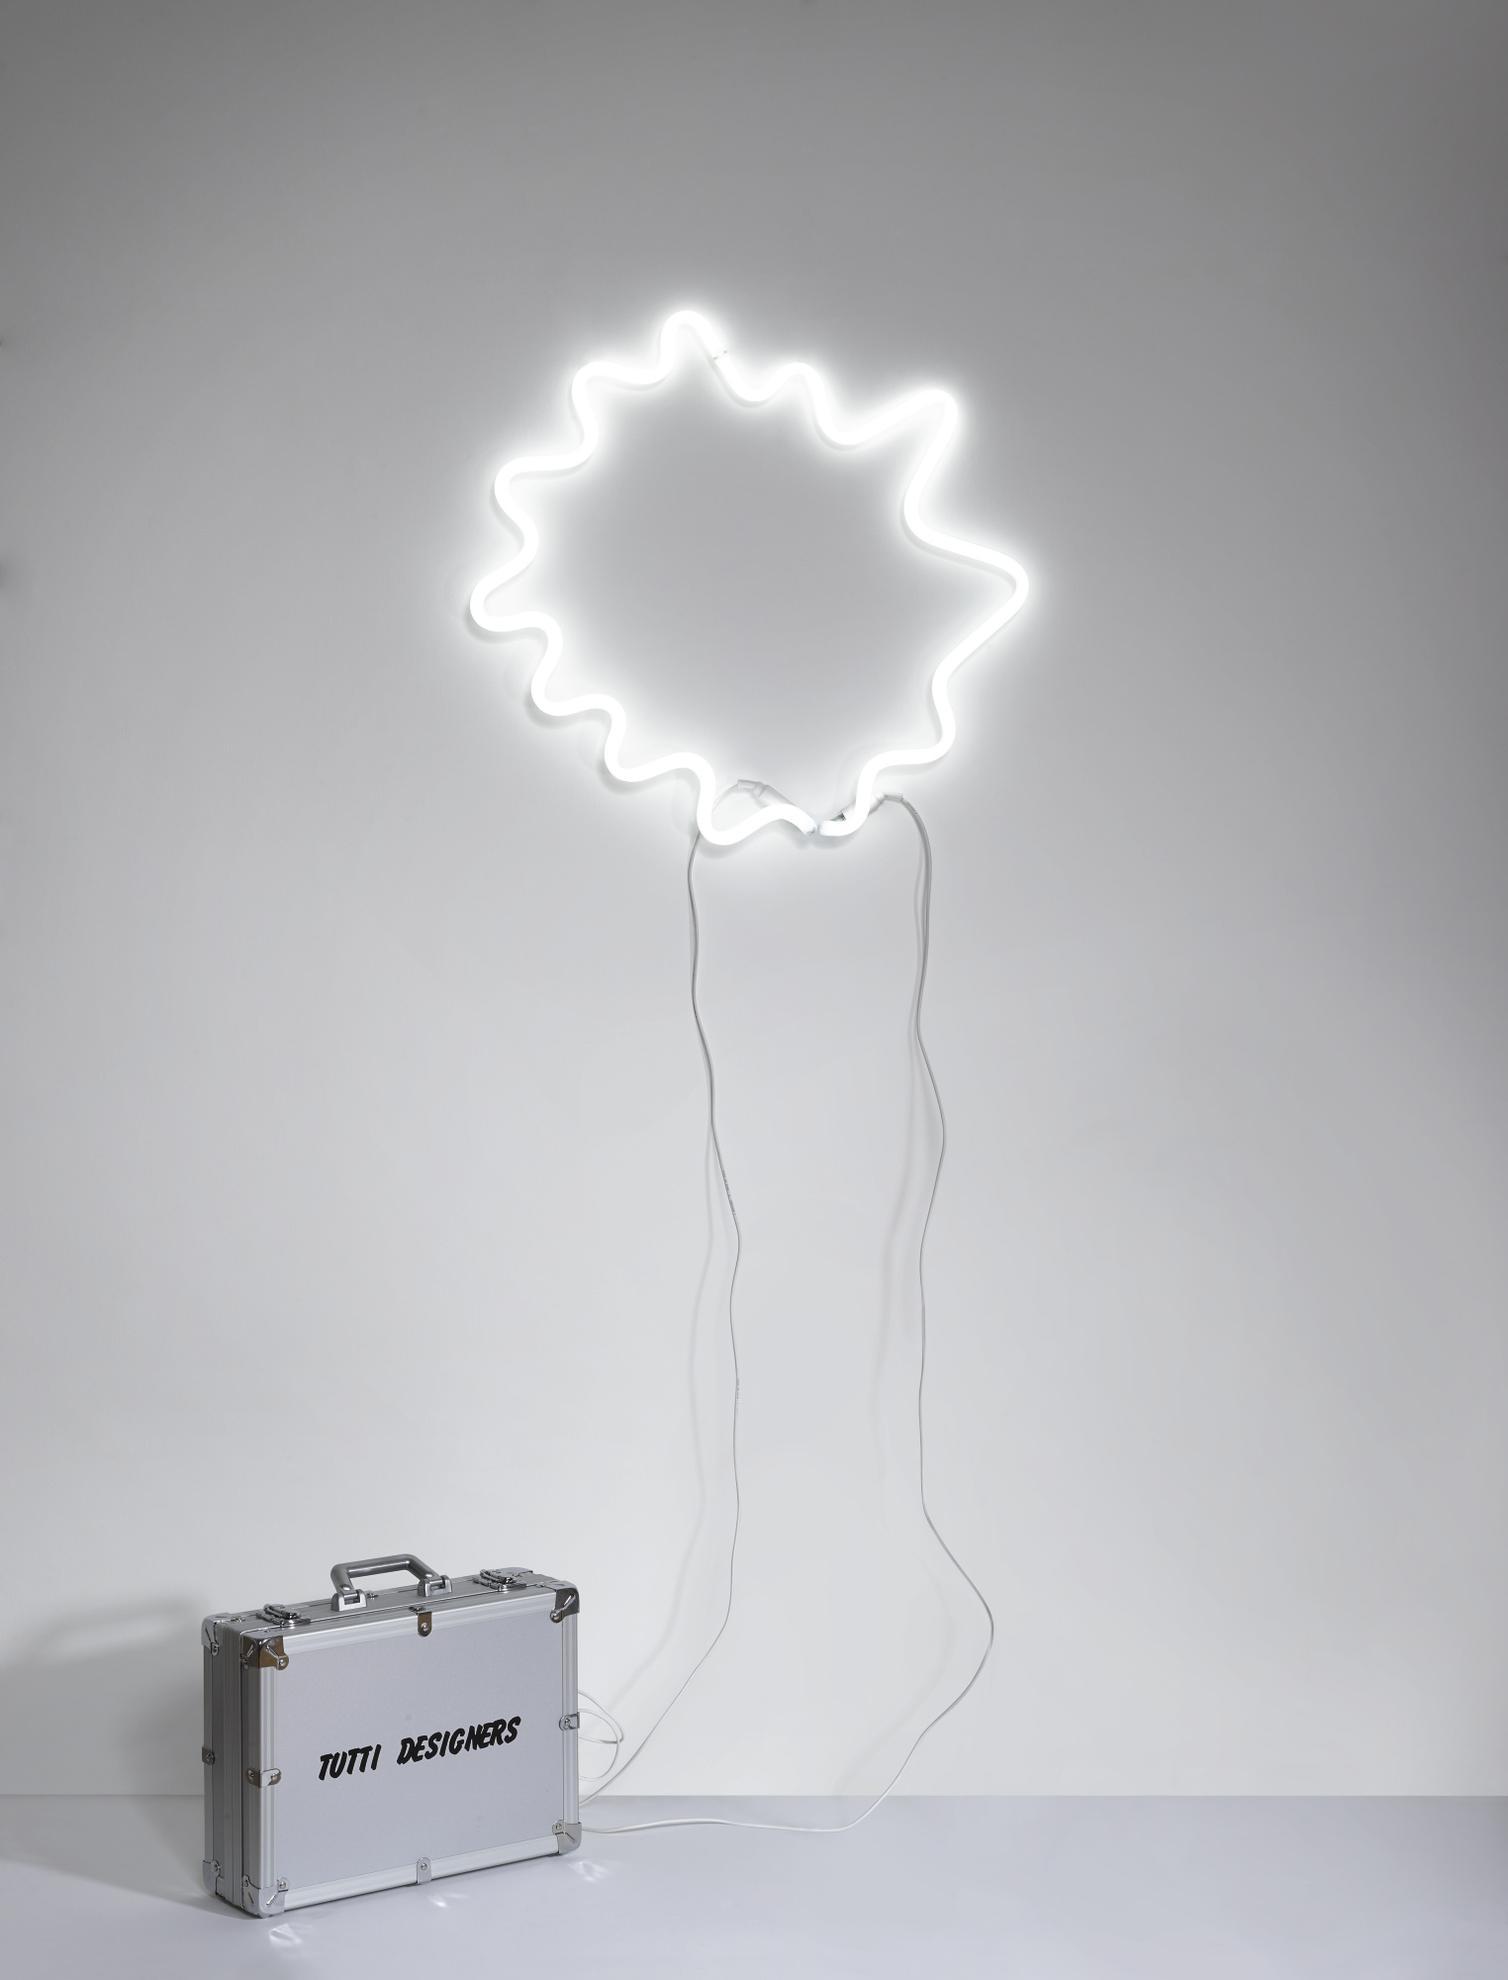 Michelangelo Pistoletto-Tutti Designers, A Neon And Aluminium Lamp-1989